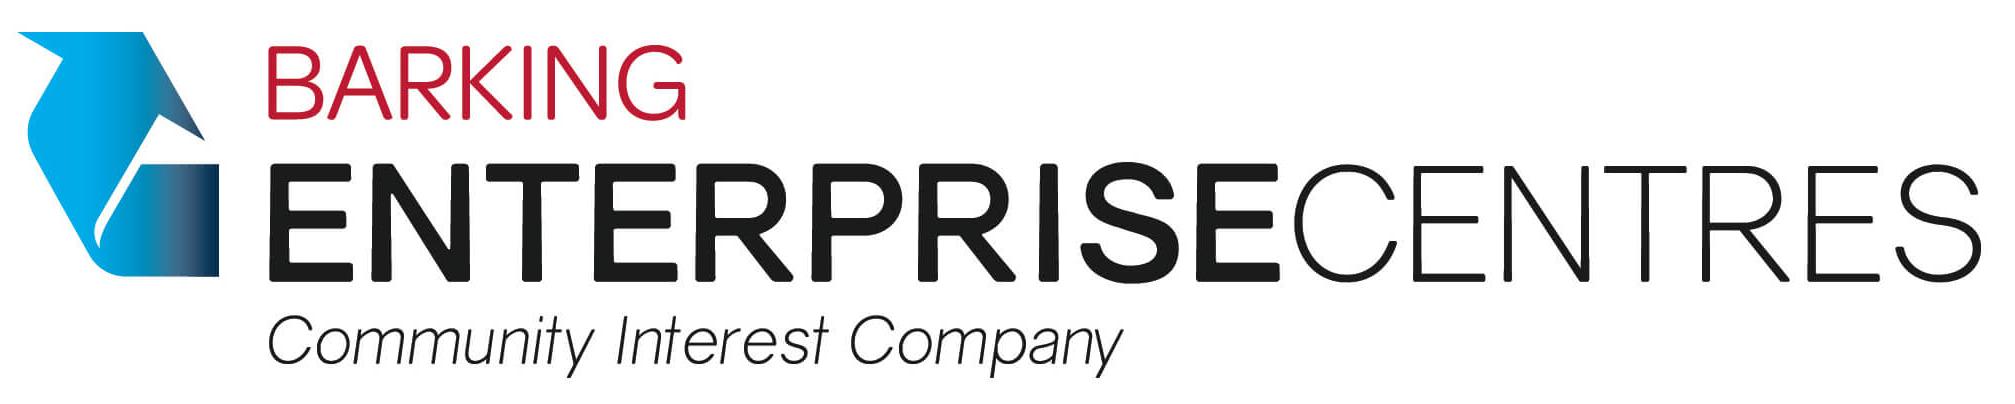 Barking Enterprise Centres logo